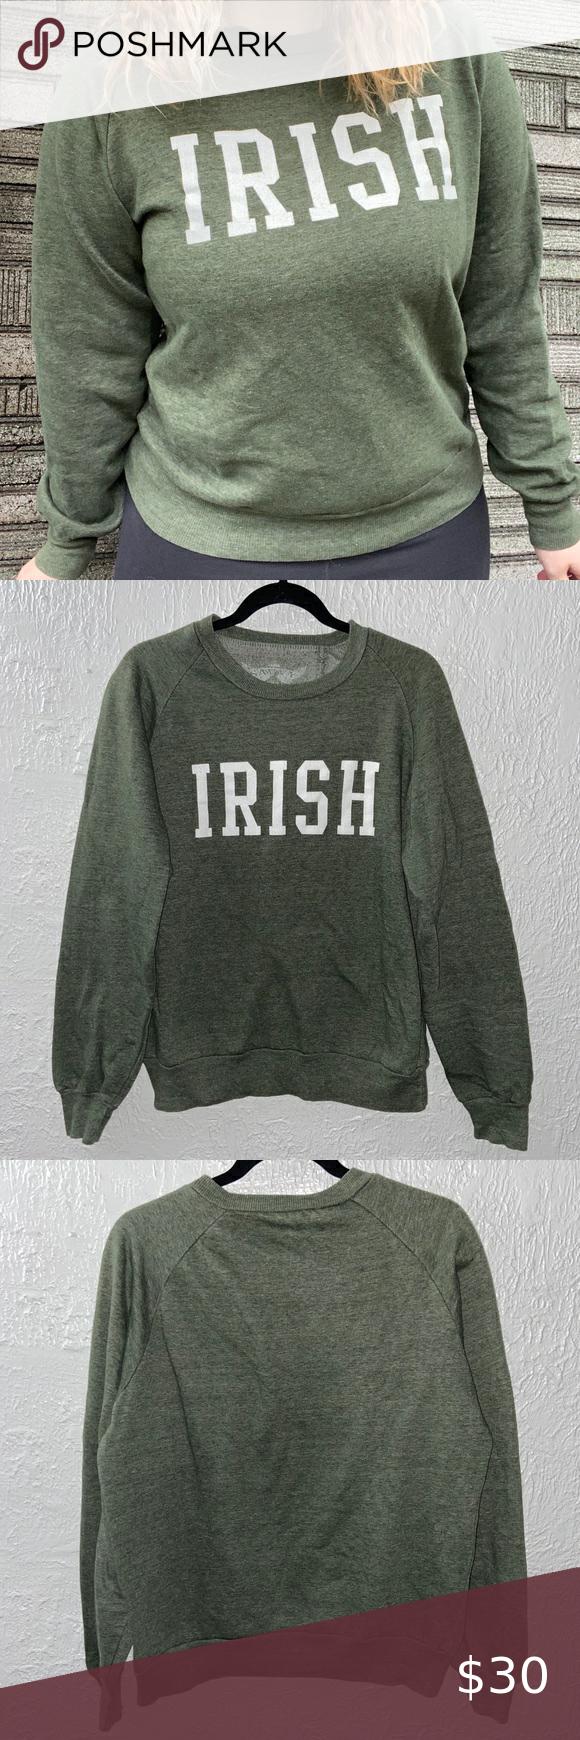 Women S Irish Sweatshirt Top In 2020 Sweatshirt Tops Sweatshirts Irish Sweatshirts